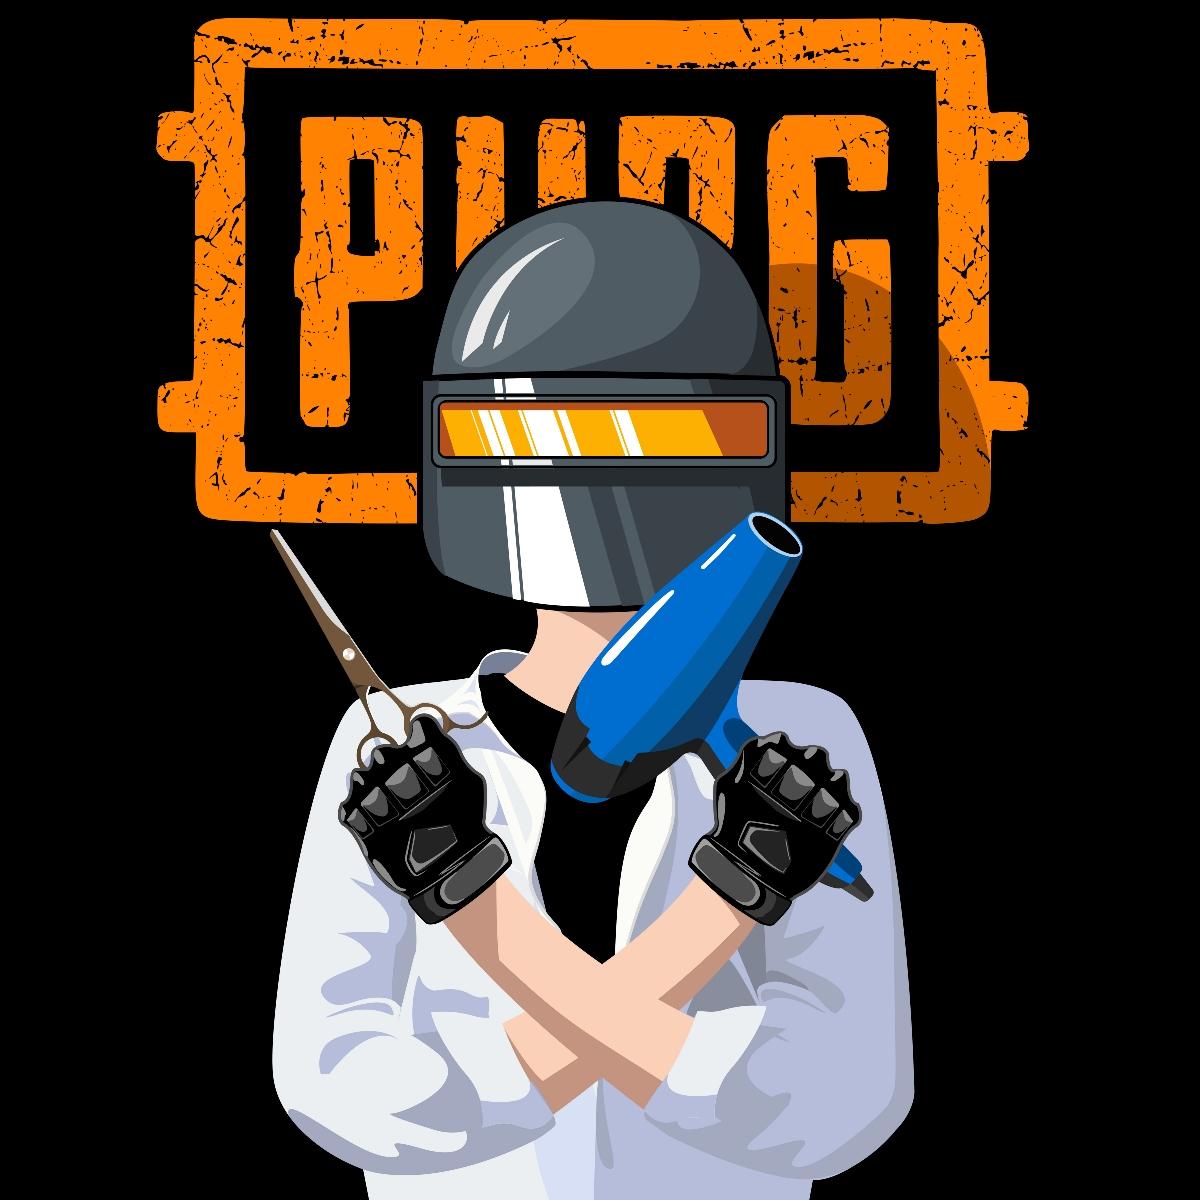 插画设计案例——PUBG电竞主播卡通形象手绘